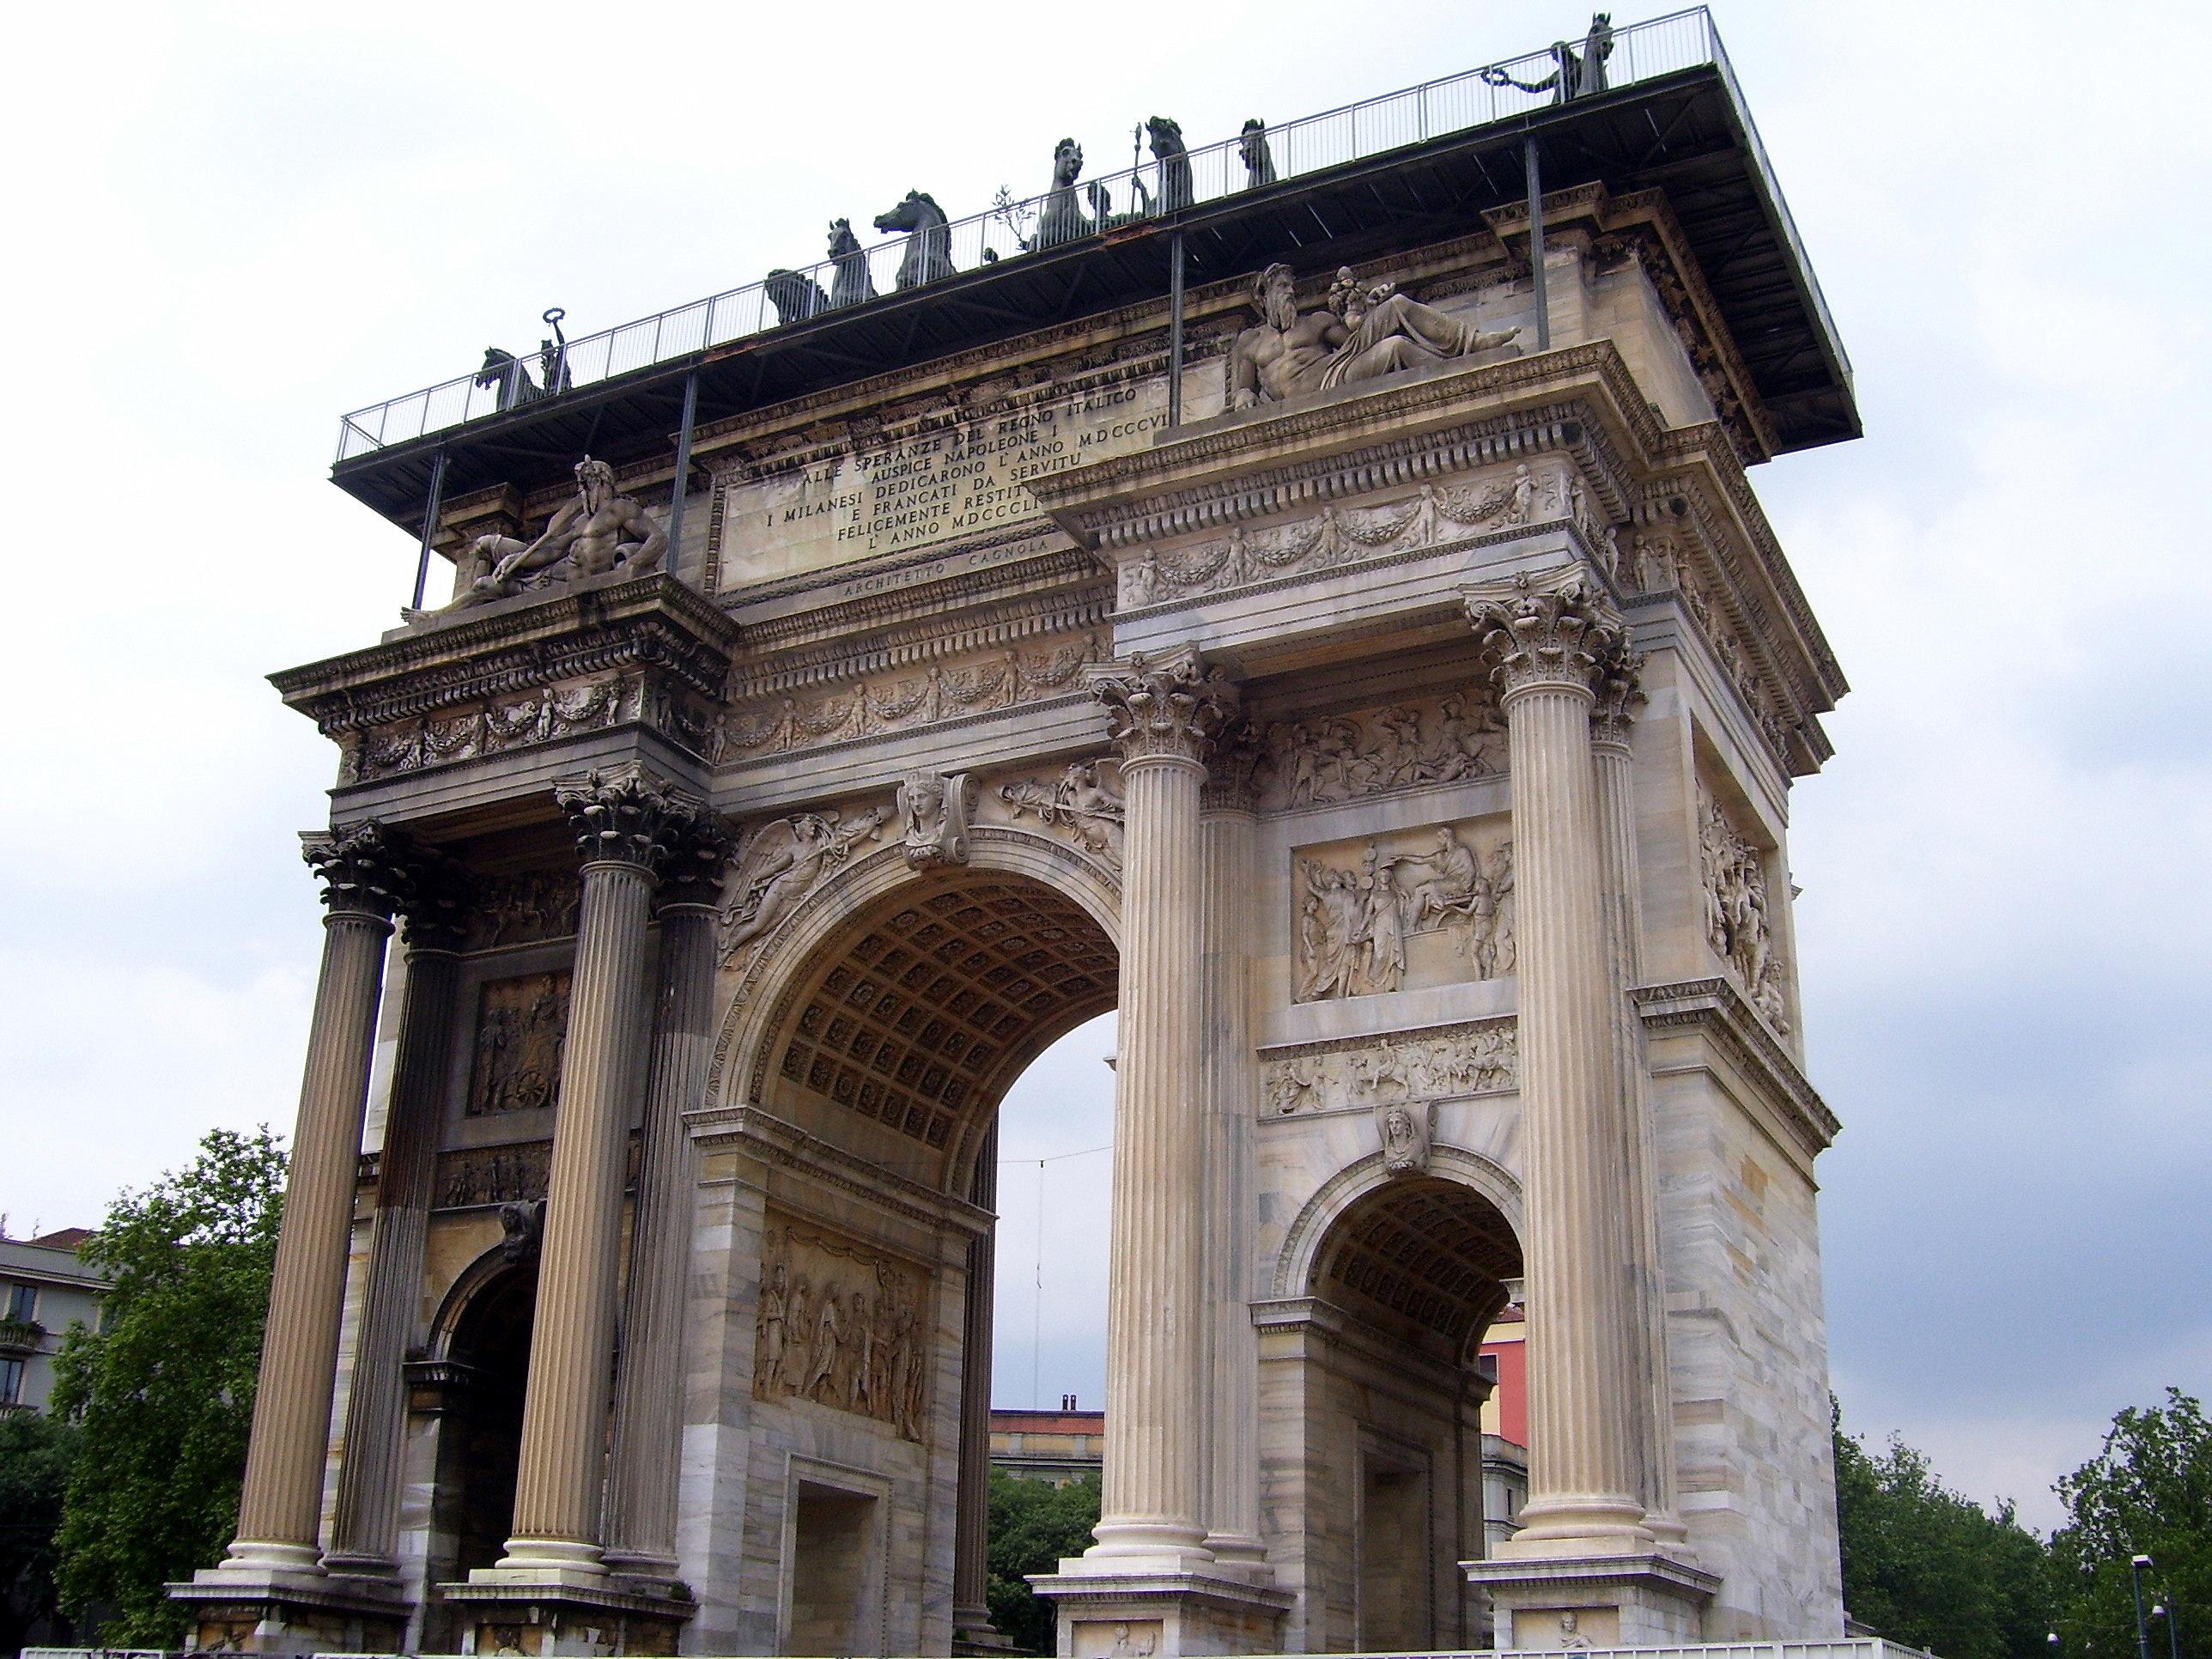 Arco della pace di descrizione dell 39 opera e mostre in for Mostre d arte in corso